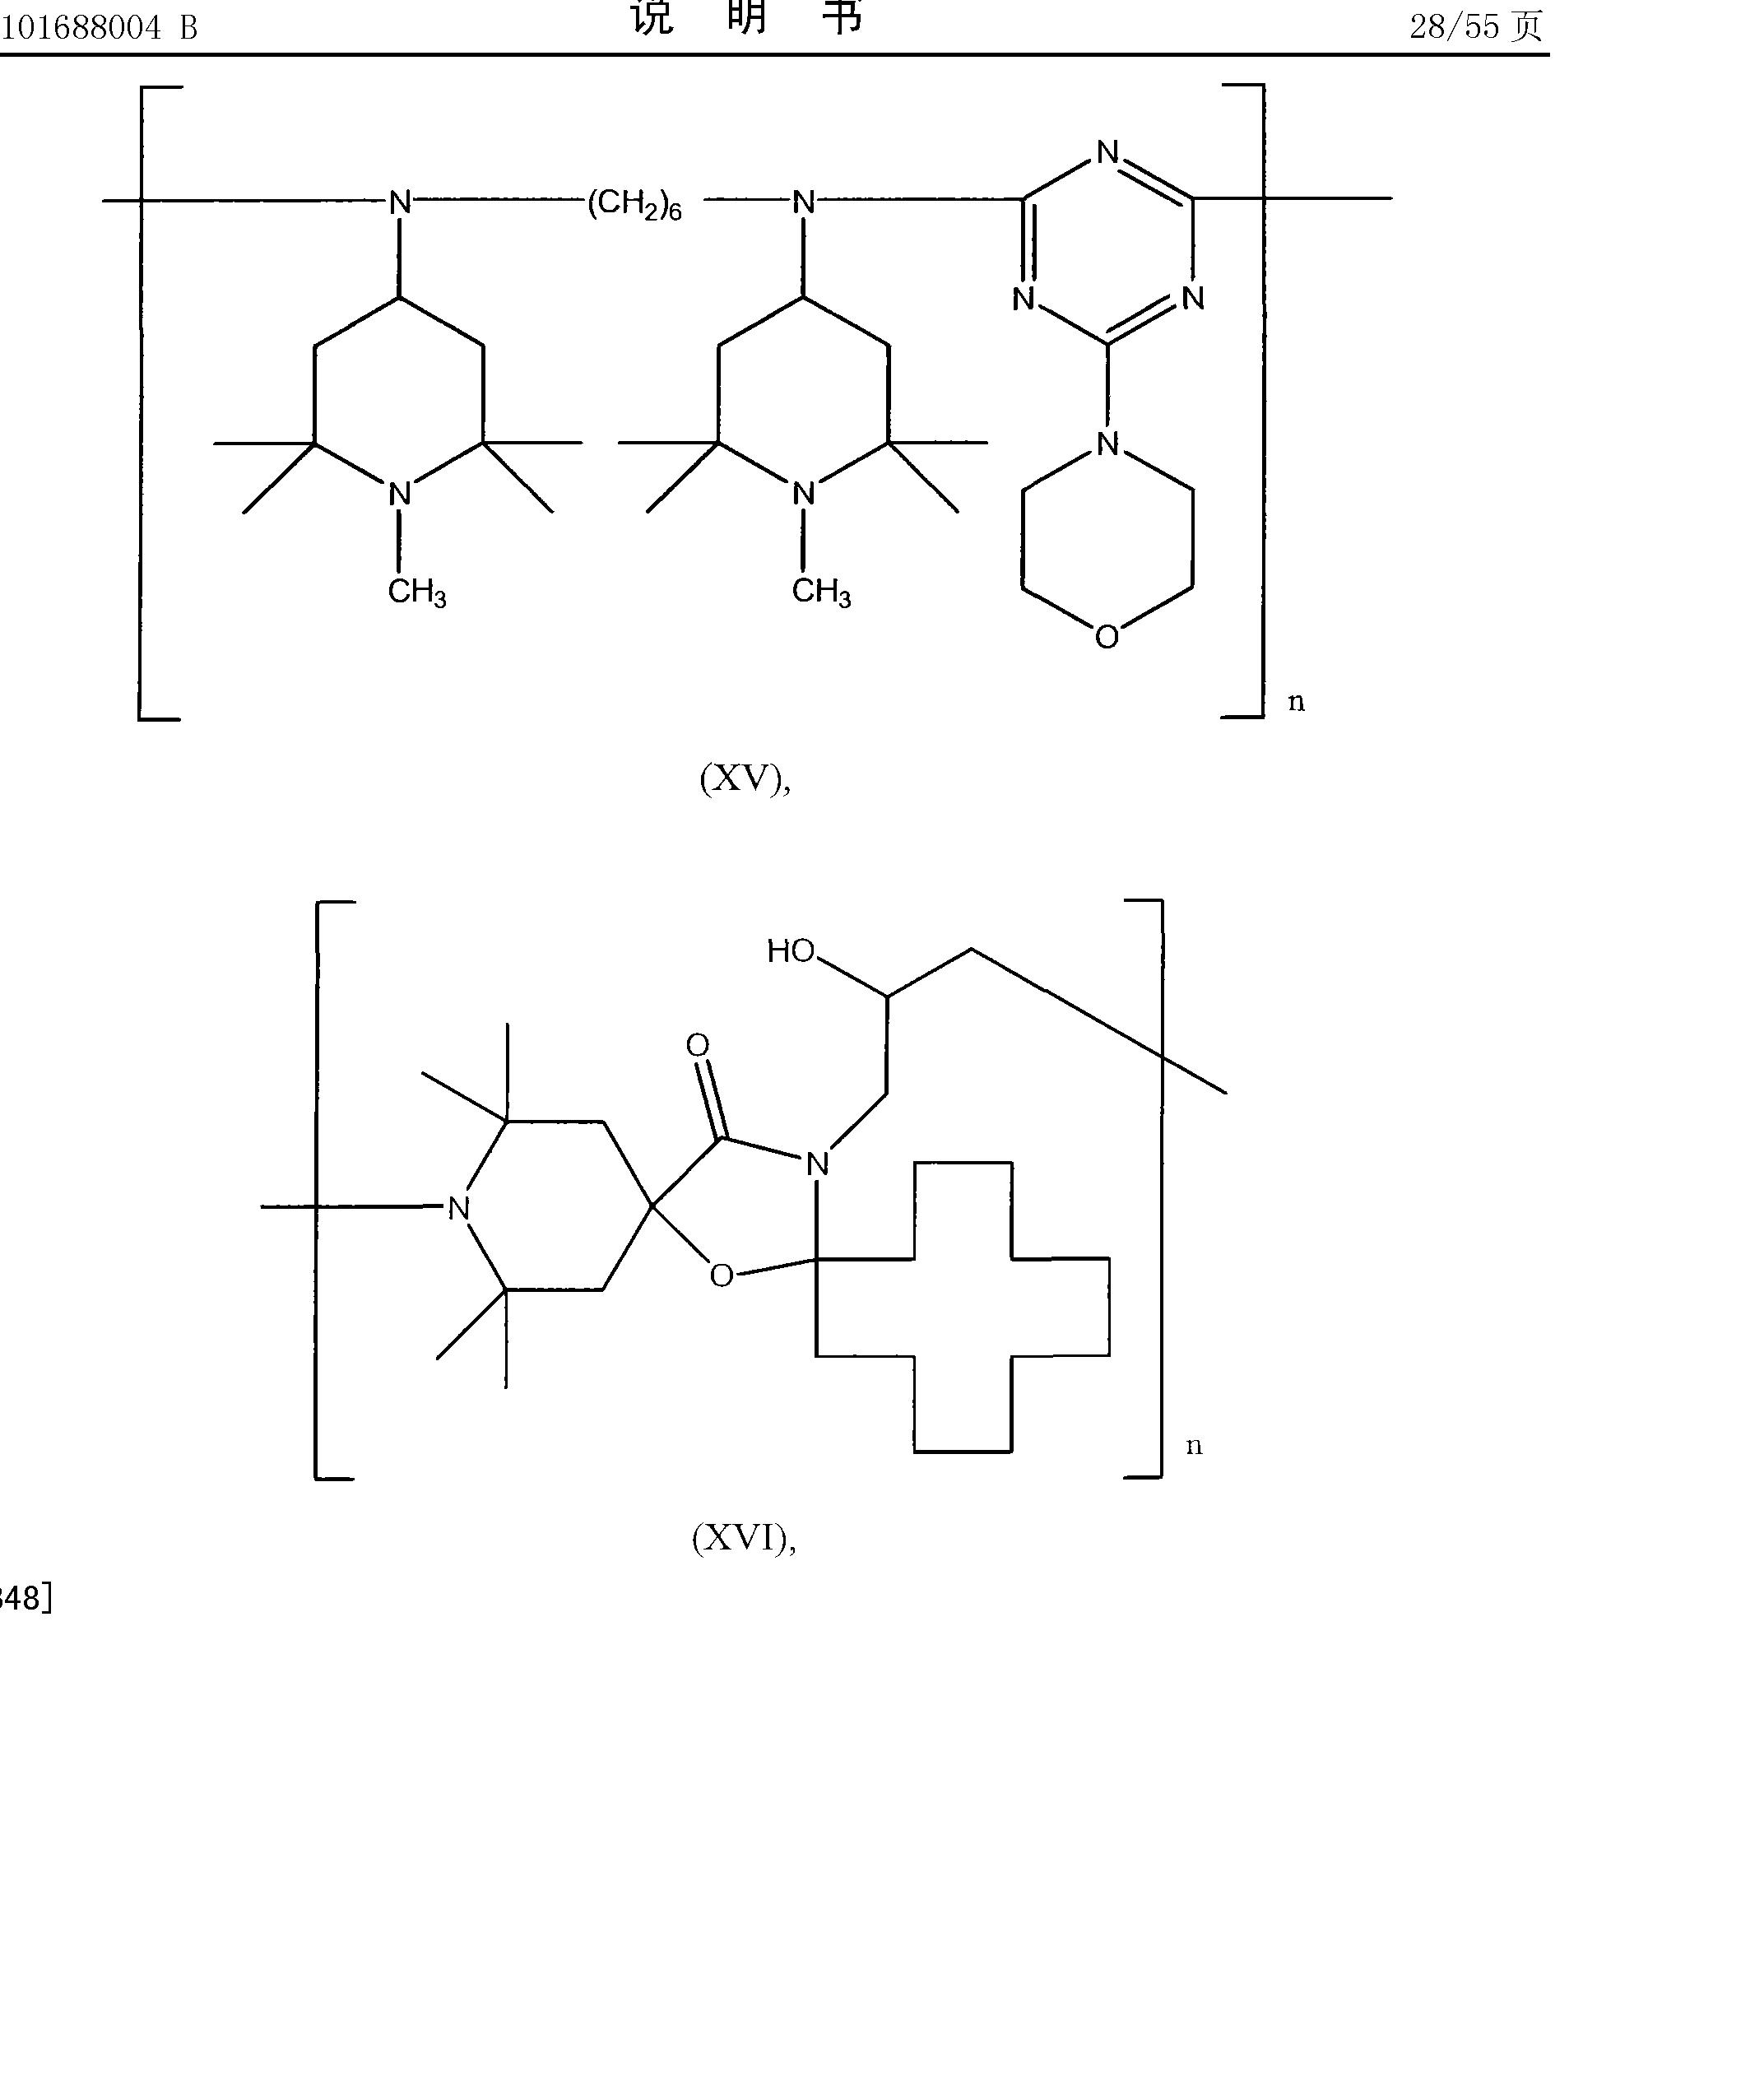 Figure CN101688004BD00461